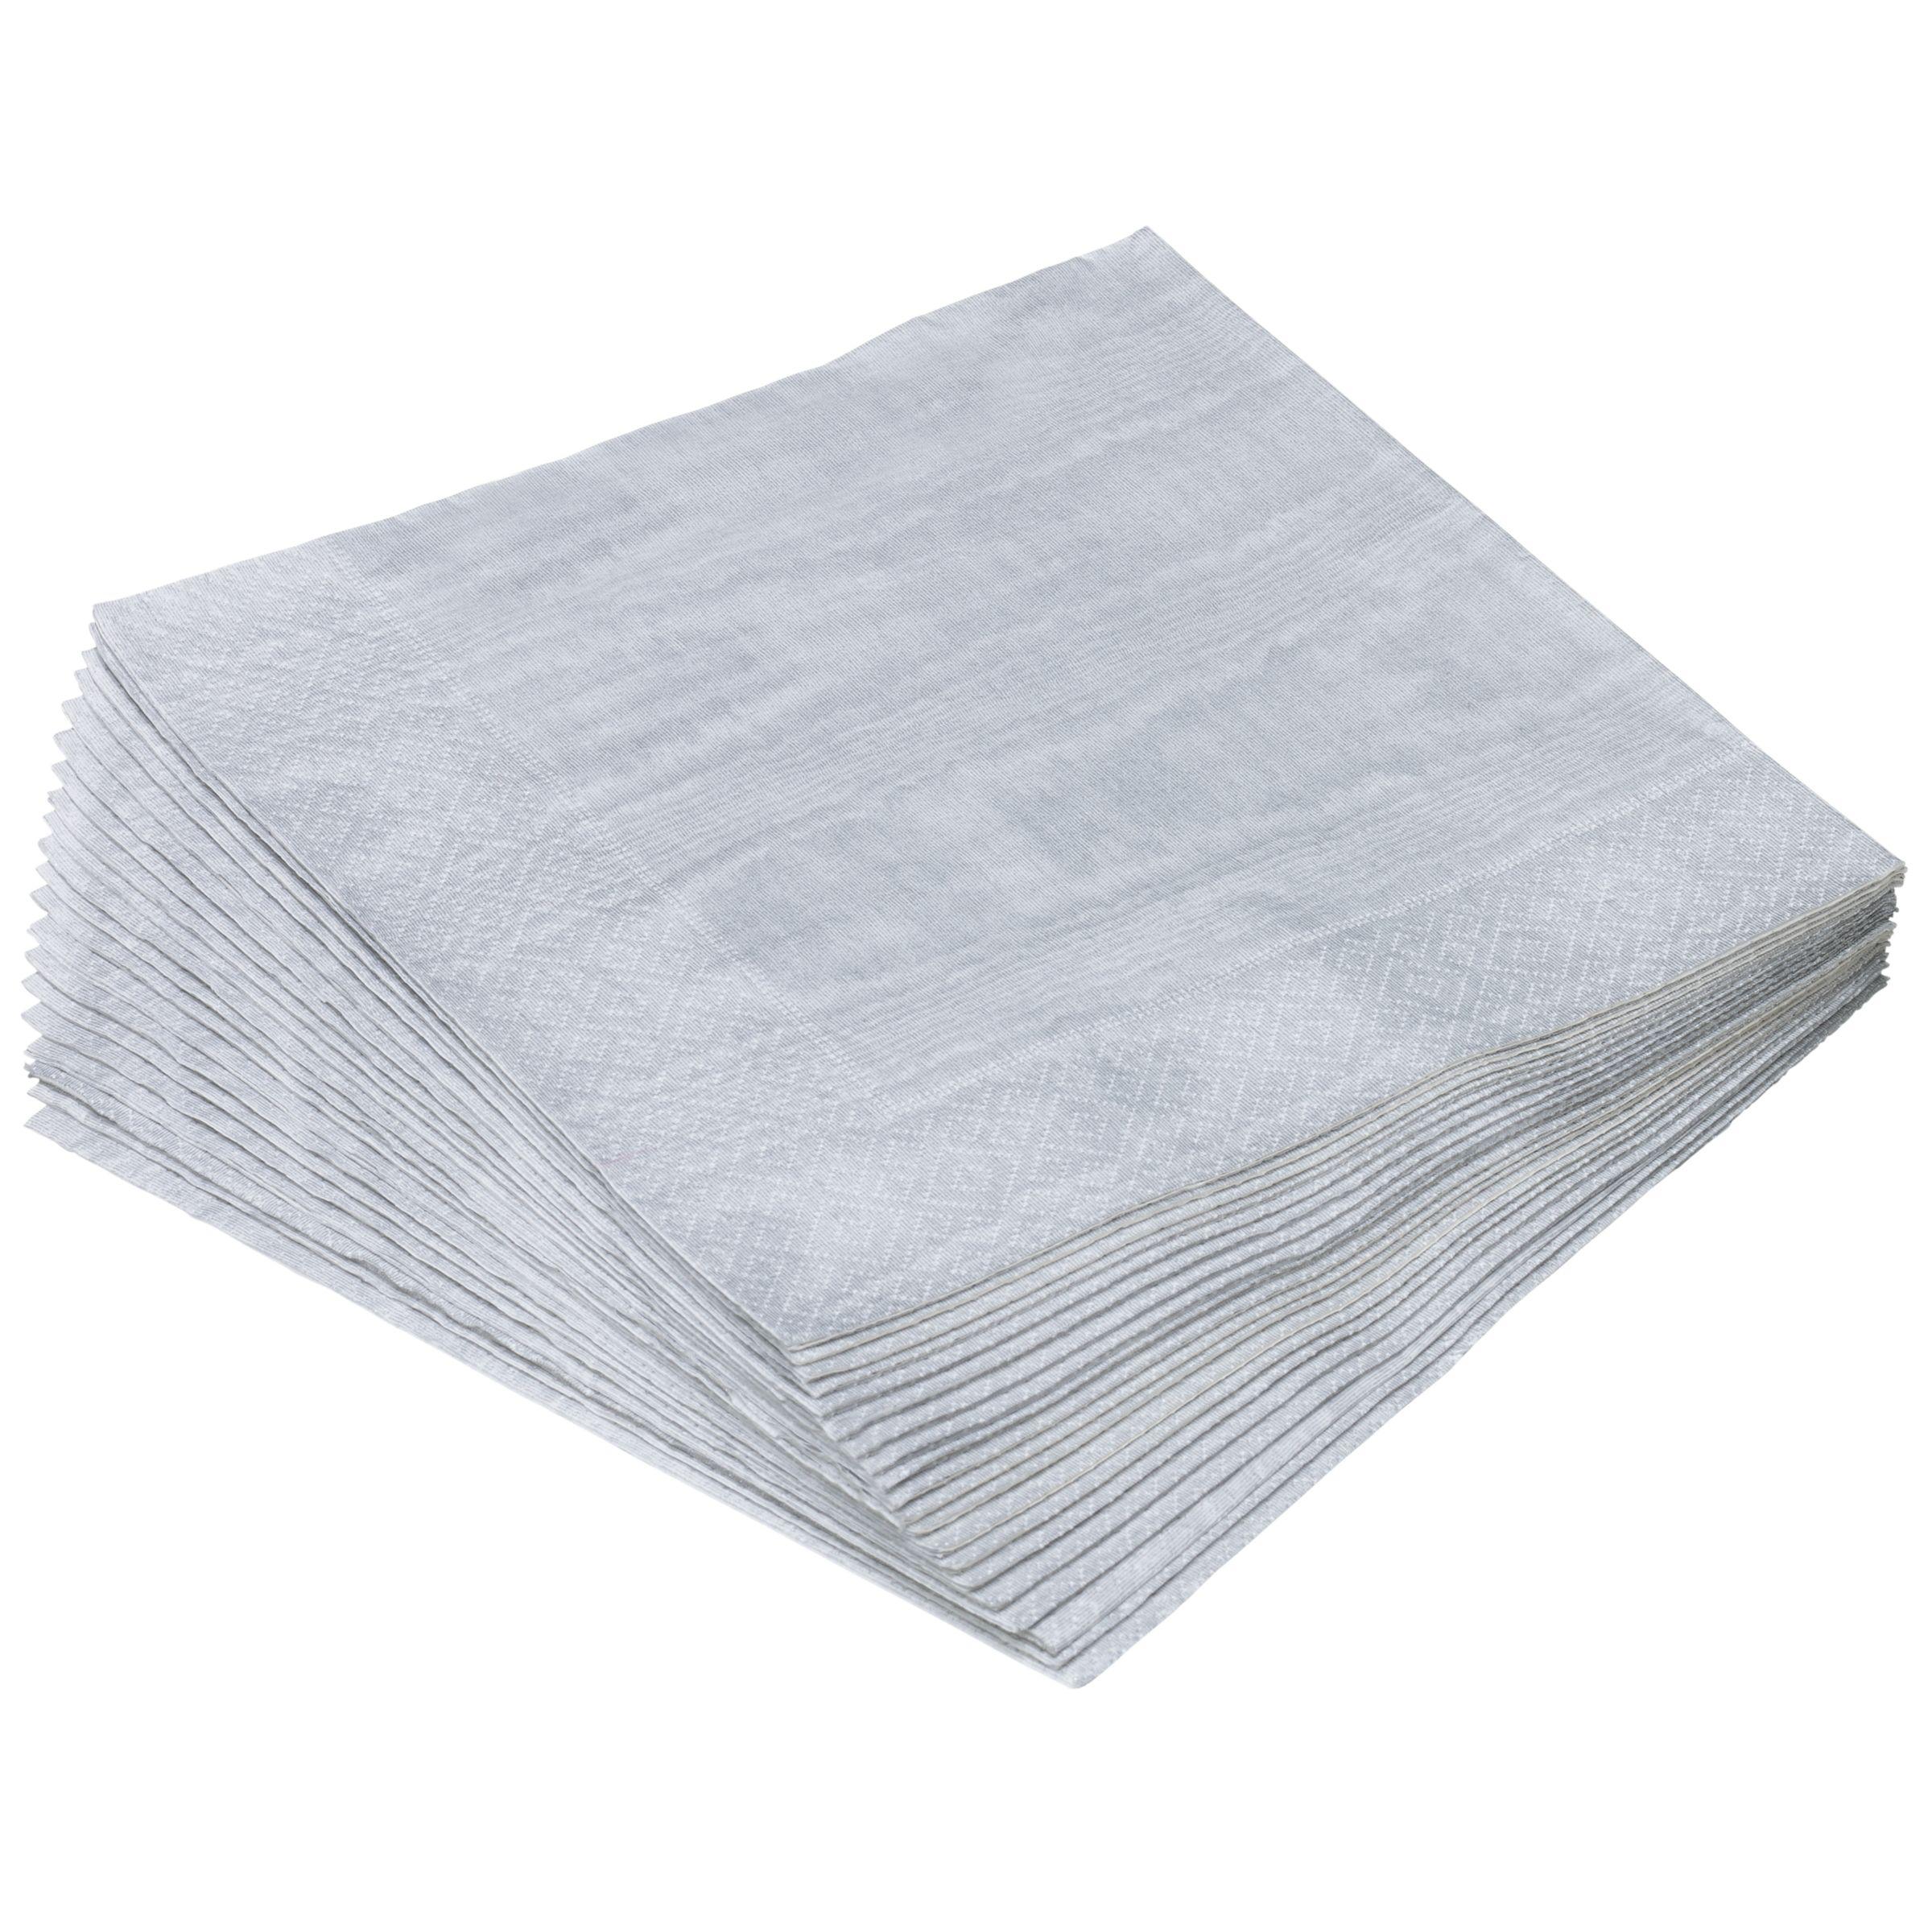 Caspari Caspari Paper Dinner Napkins, Pack of 20, 40 x 40cm